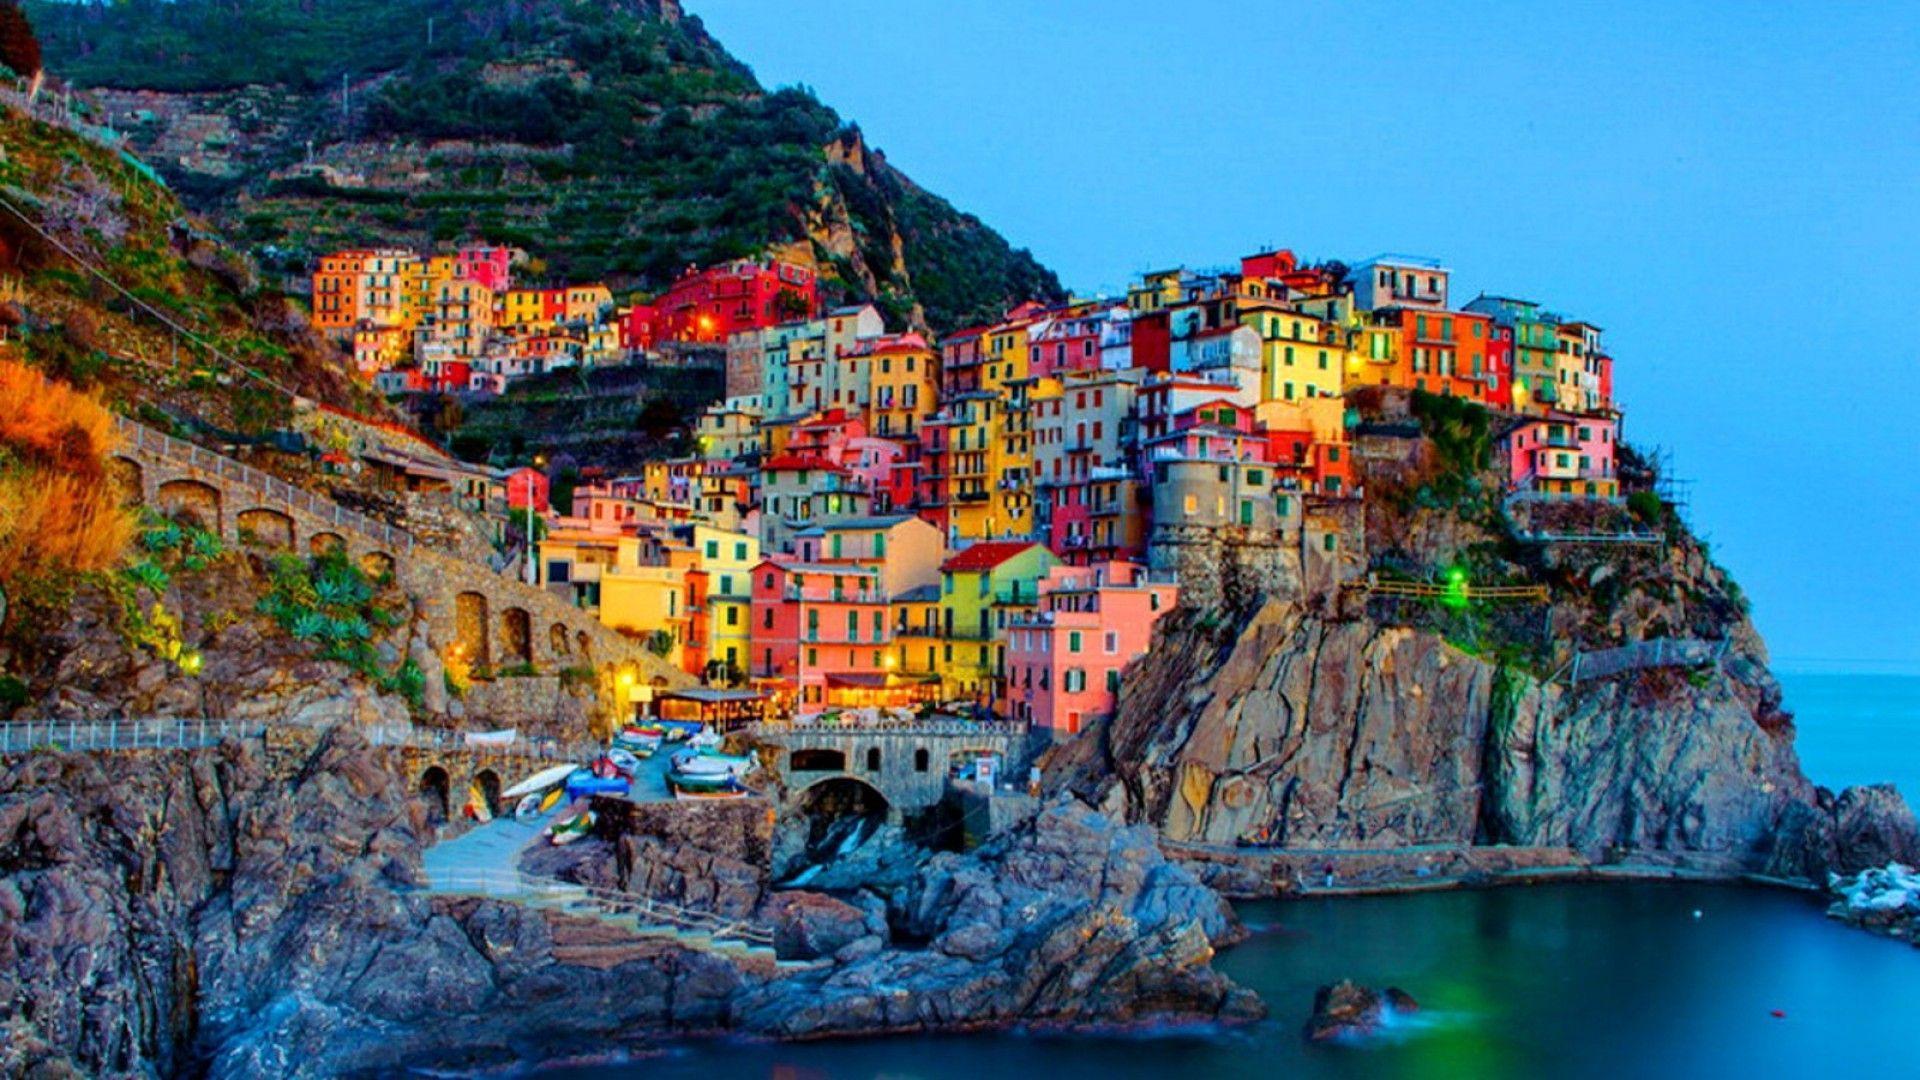 10+ Top Wallpaper Italy Photos